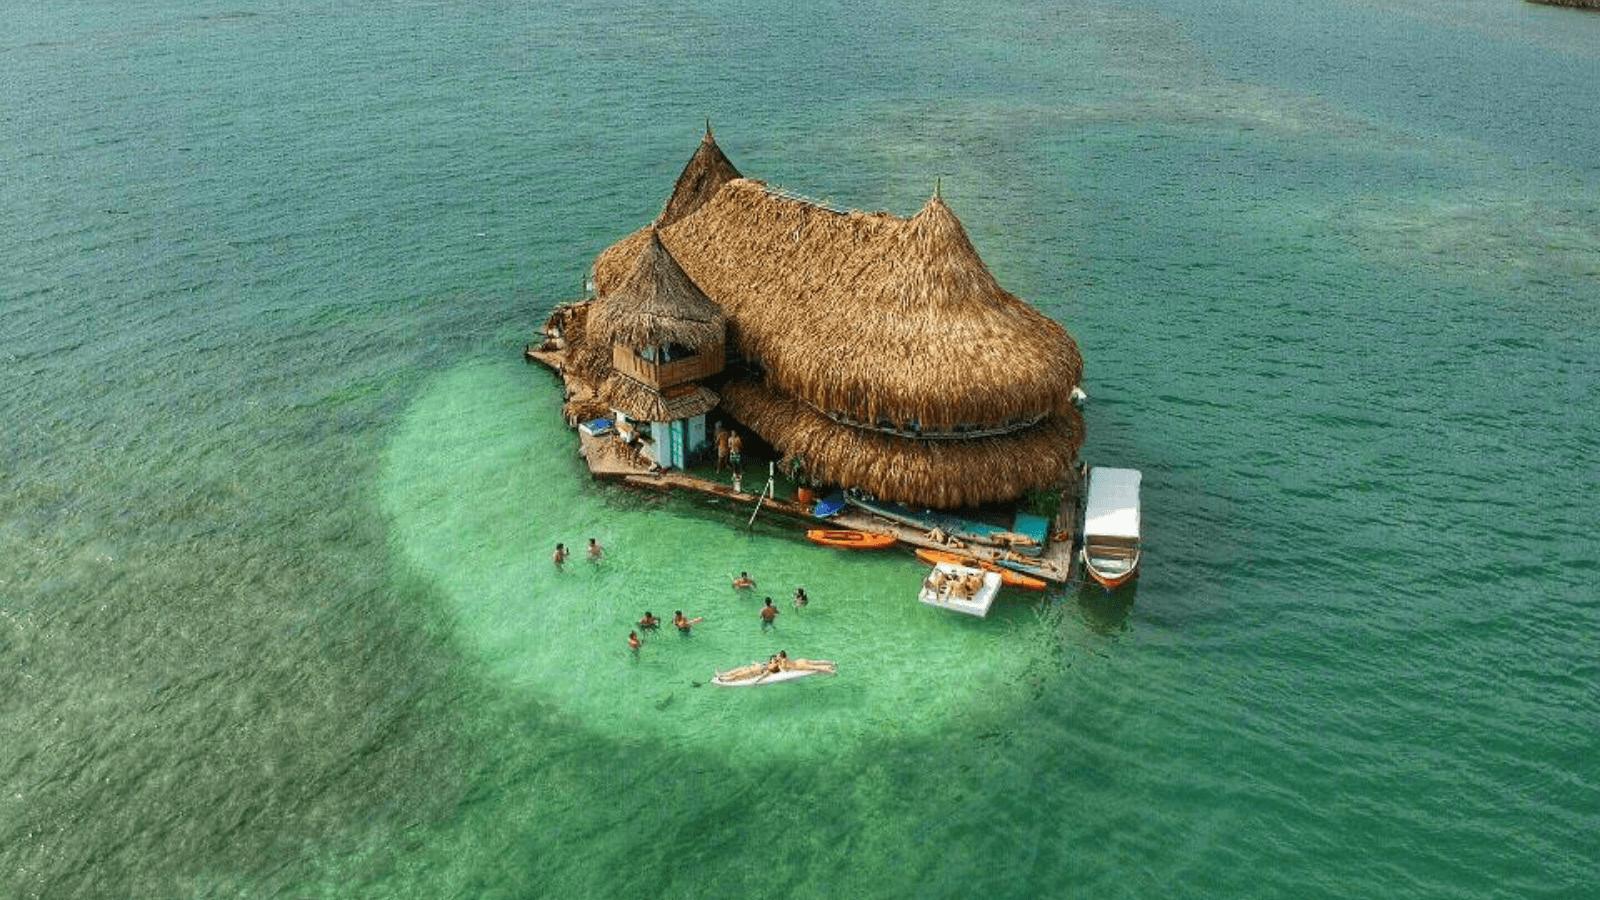 Descubre 'Casa en el agua' un eco-hostel colombiano rodeado completamente por el mar Caribe 1